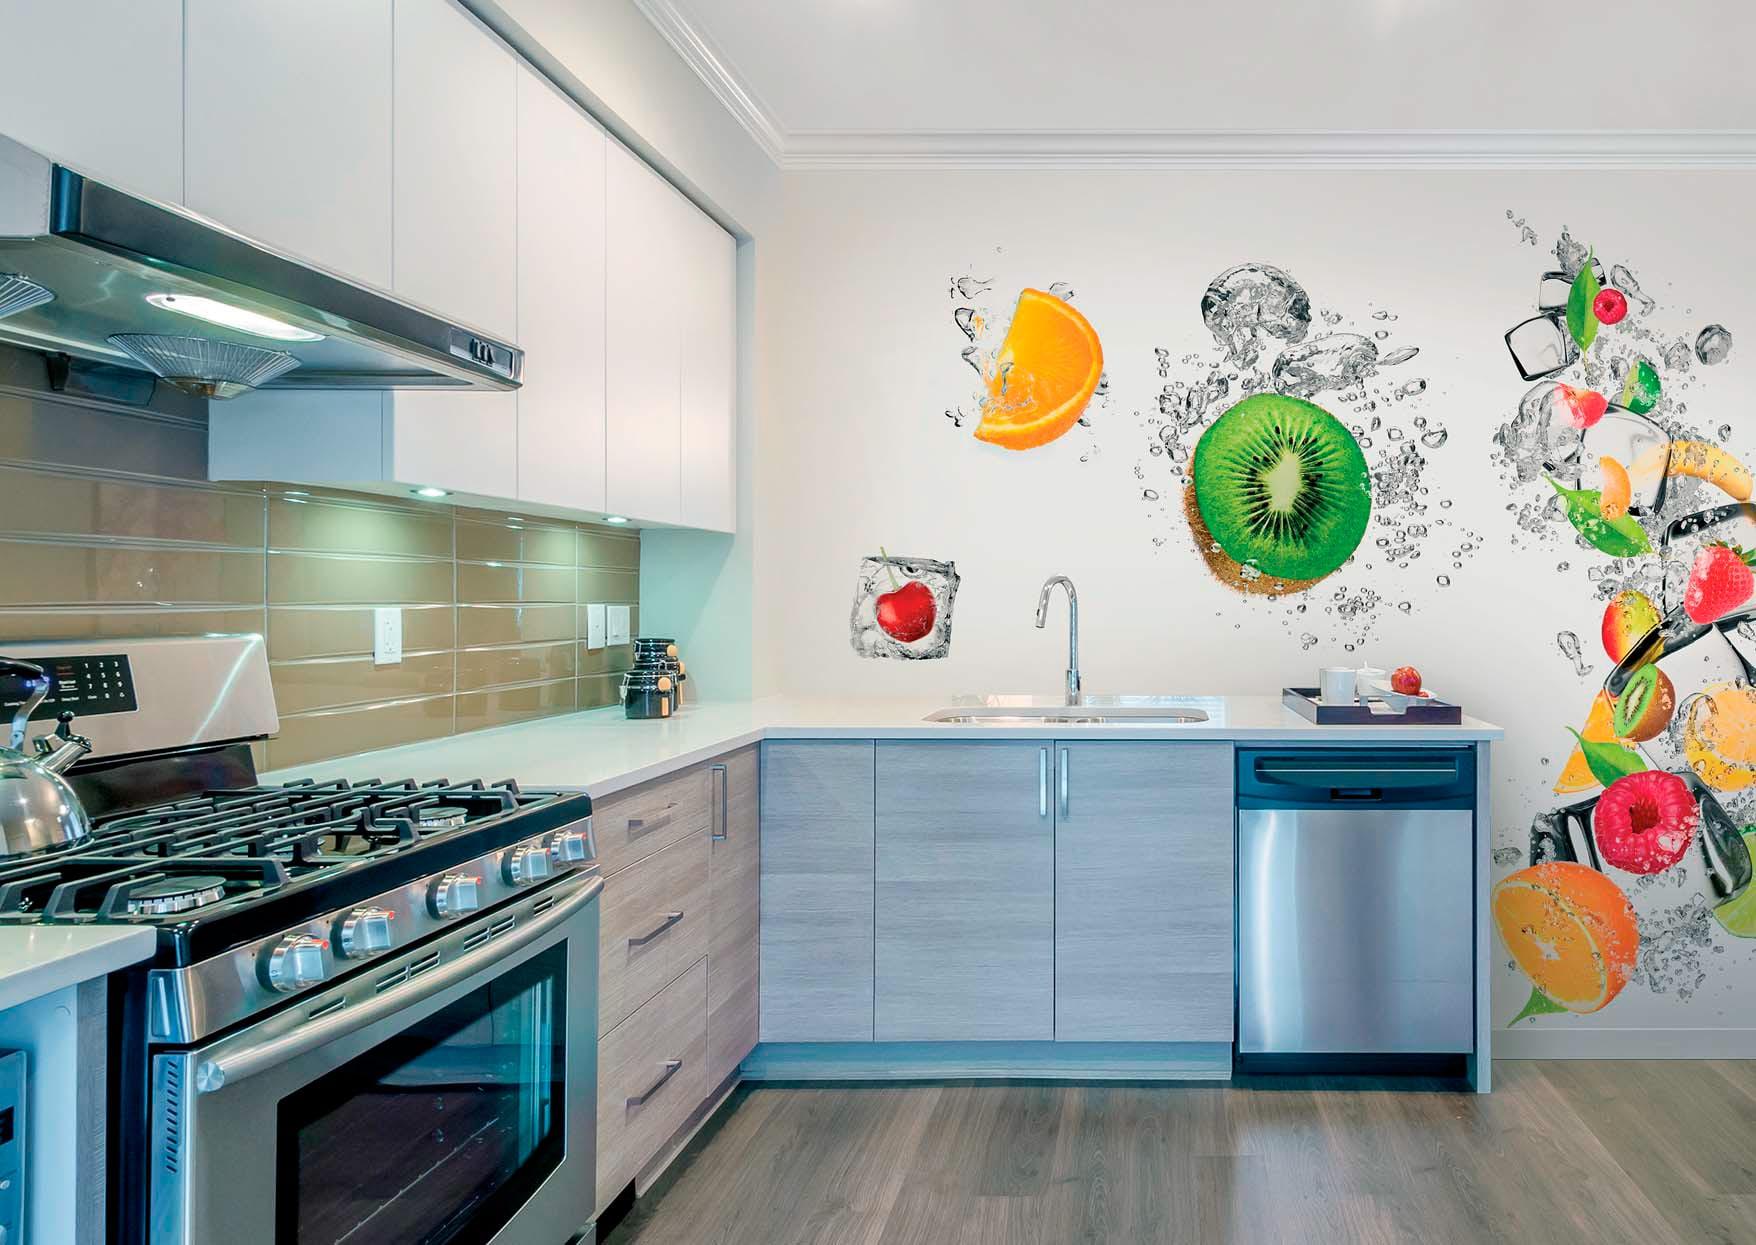 Дизайн кухни в квартире фото 2018 современные идеи обои